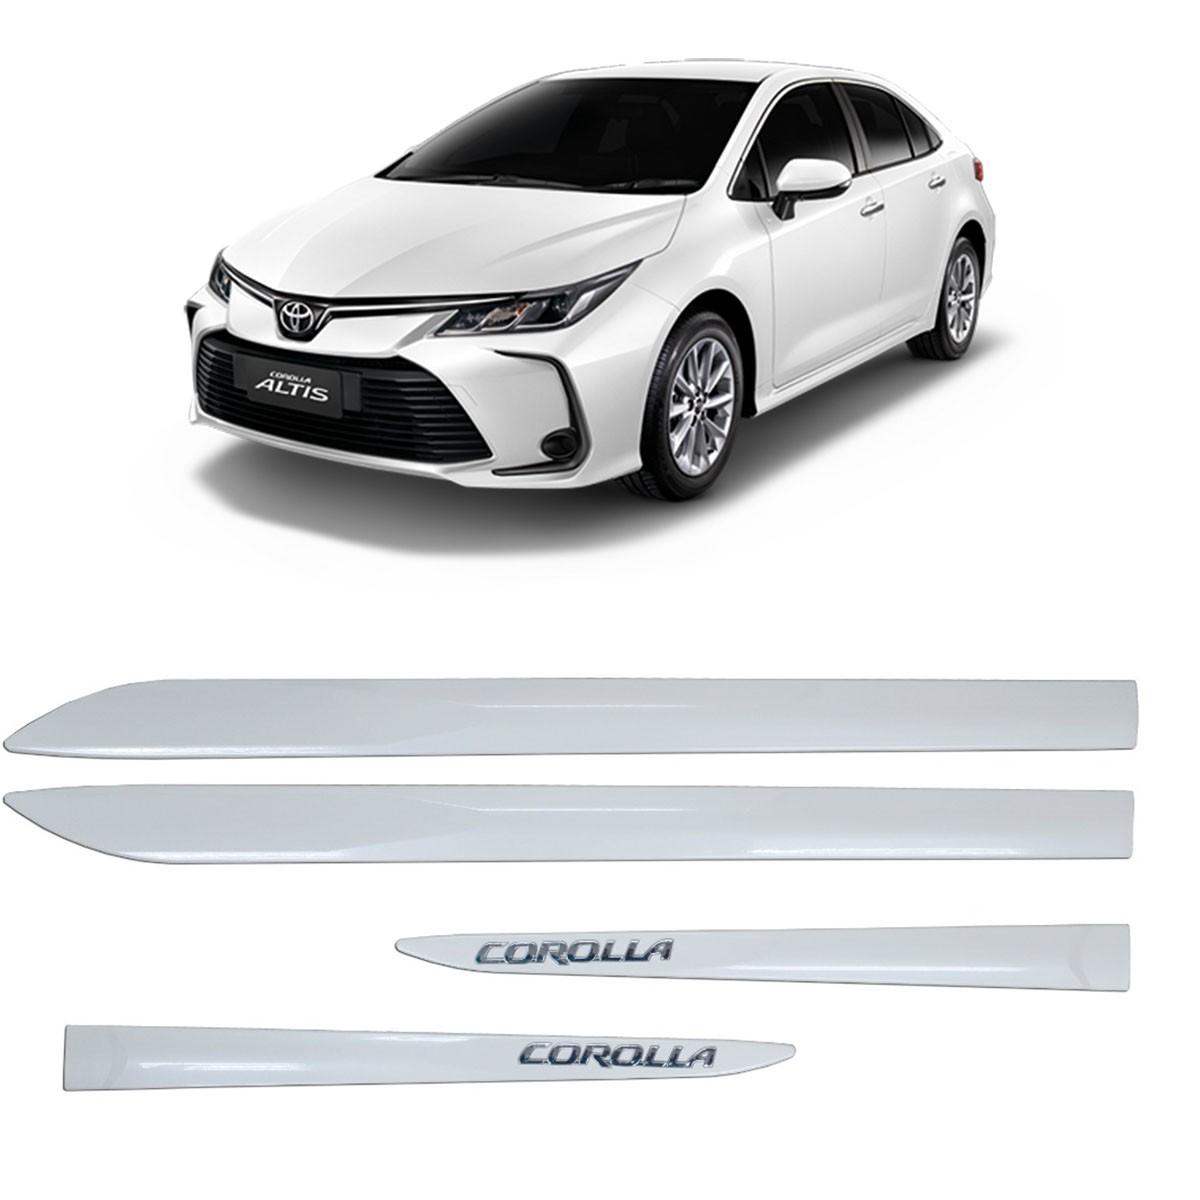 Friso Lateral Corolla Branco Polar C/Escrita Cromada Modelo 2020 Original